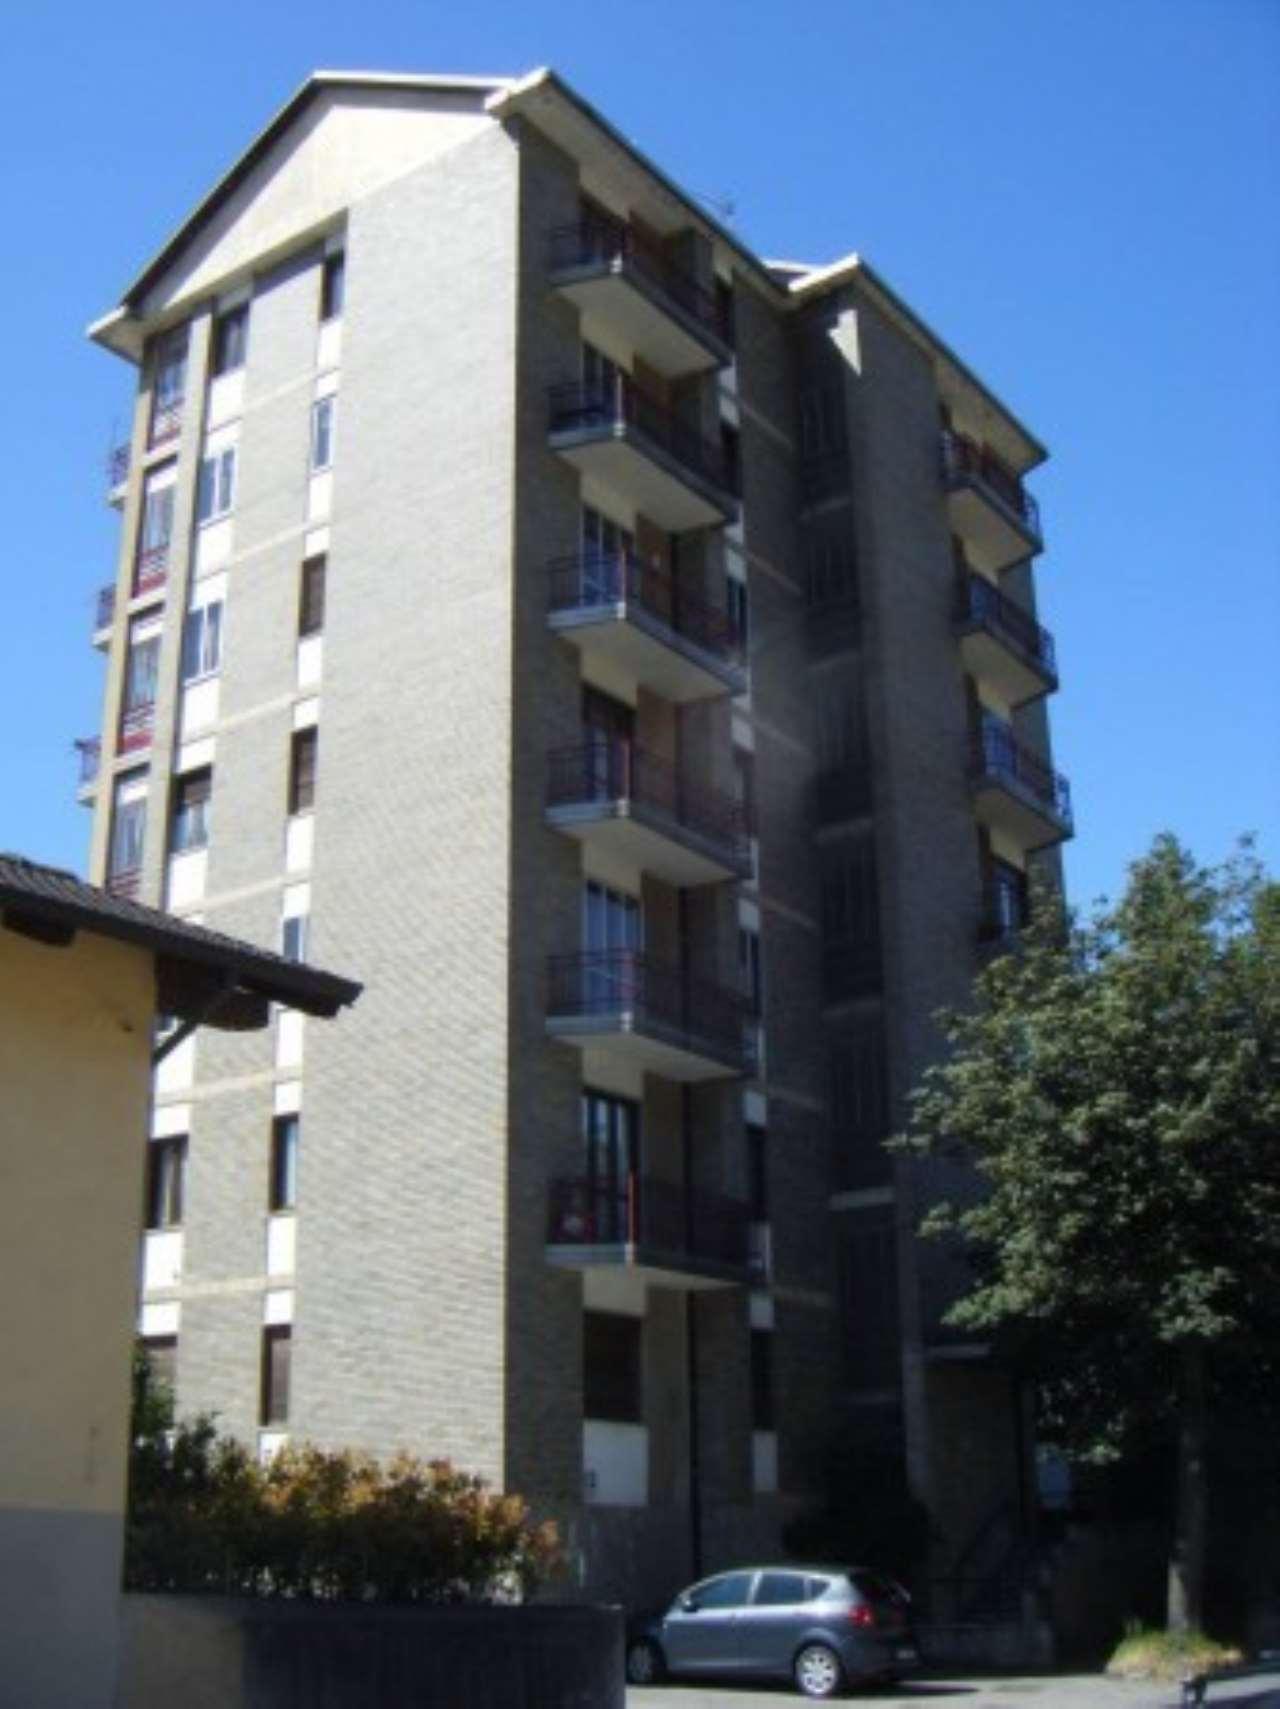 Attico / Mansarda in vendita a Bussoleno, 2 locali, prezzo € 59.000 | CambioCasa.it